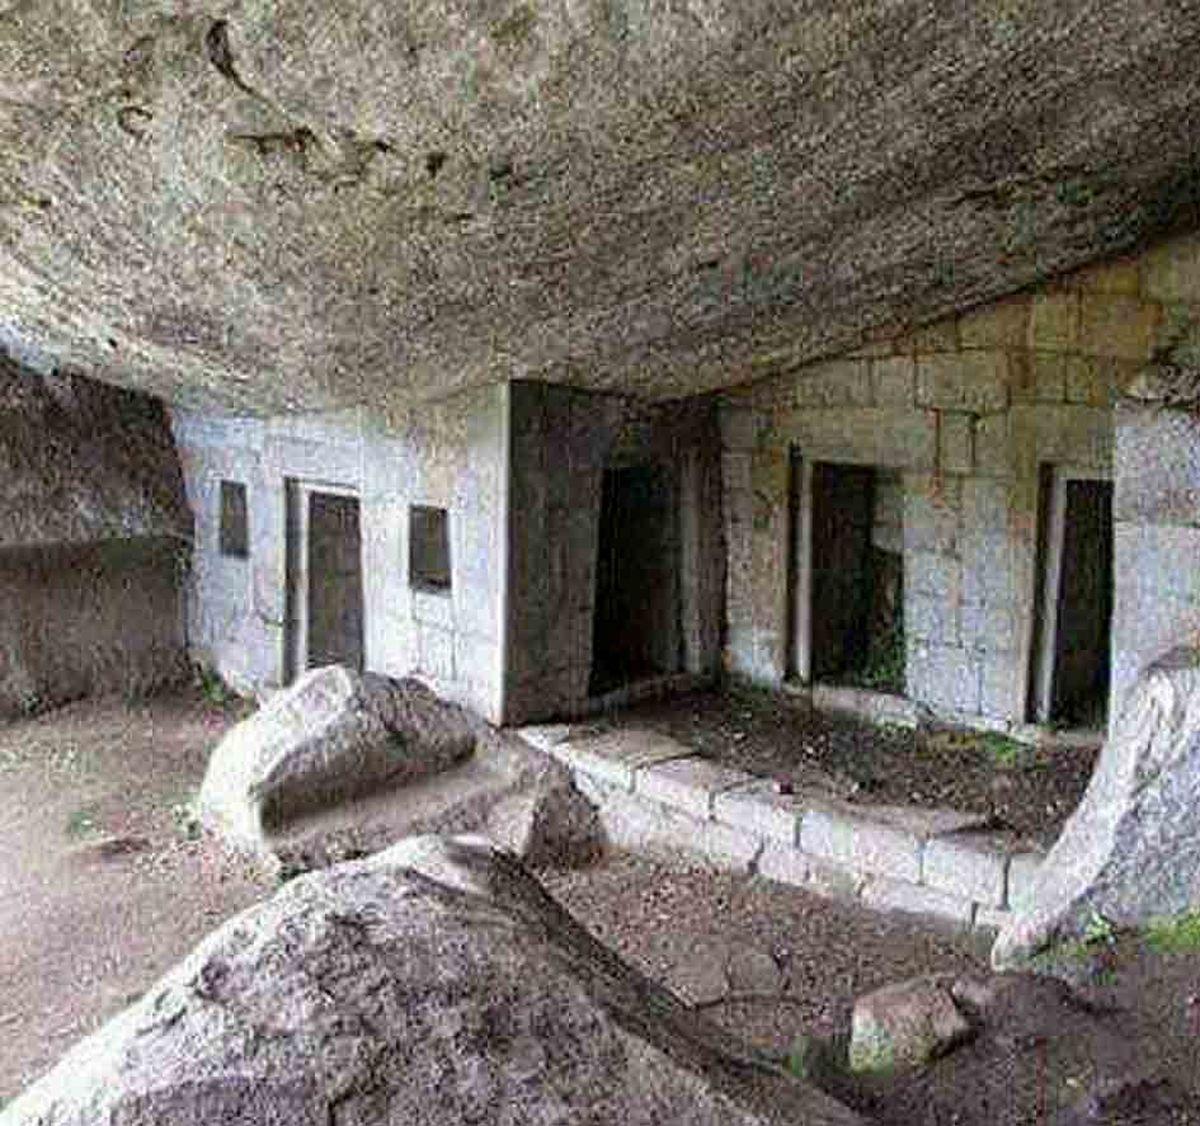 تصویری واقعی از  معبد خورشید متعلق به تمدن اینکاها